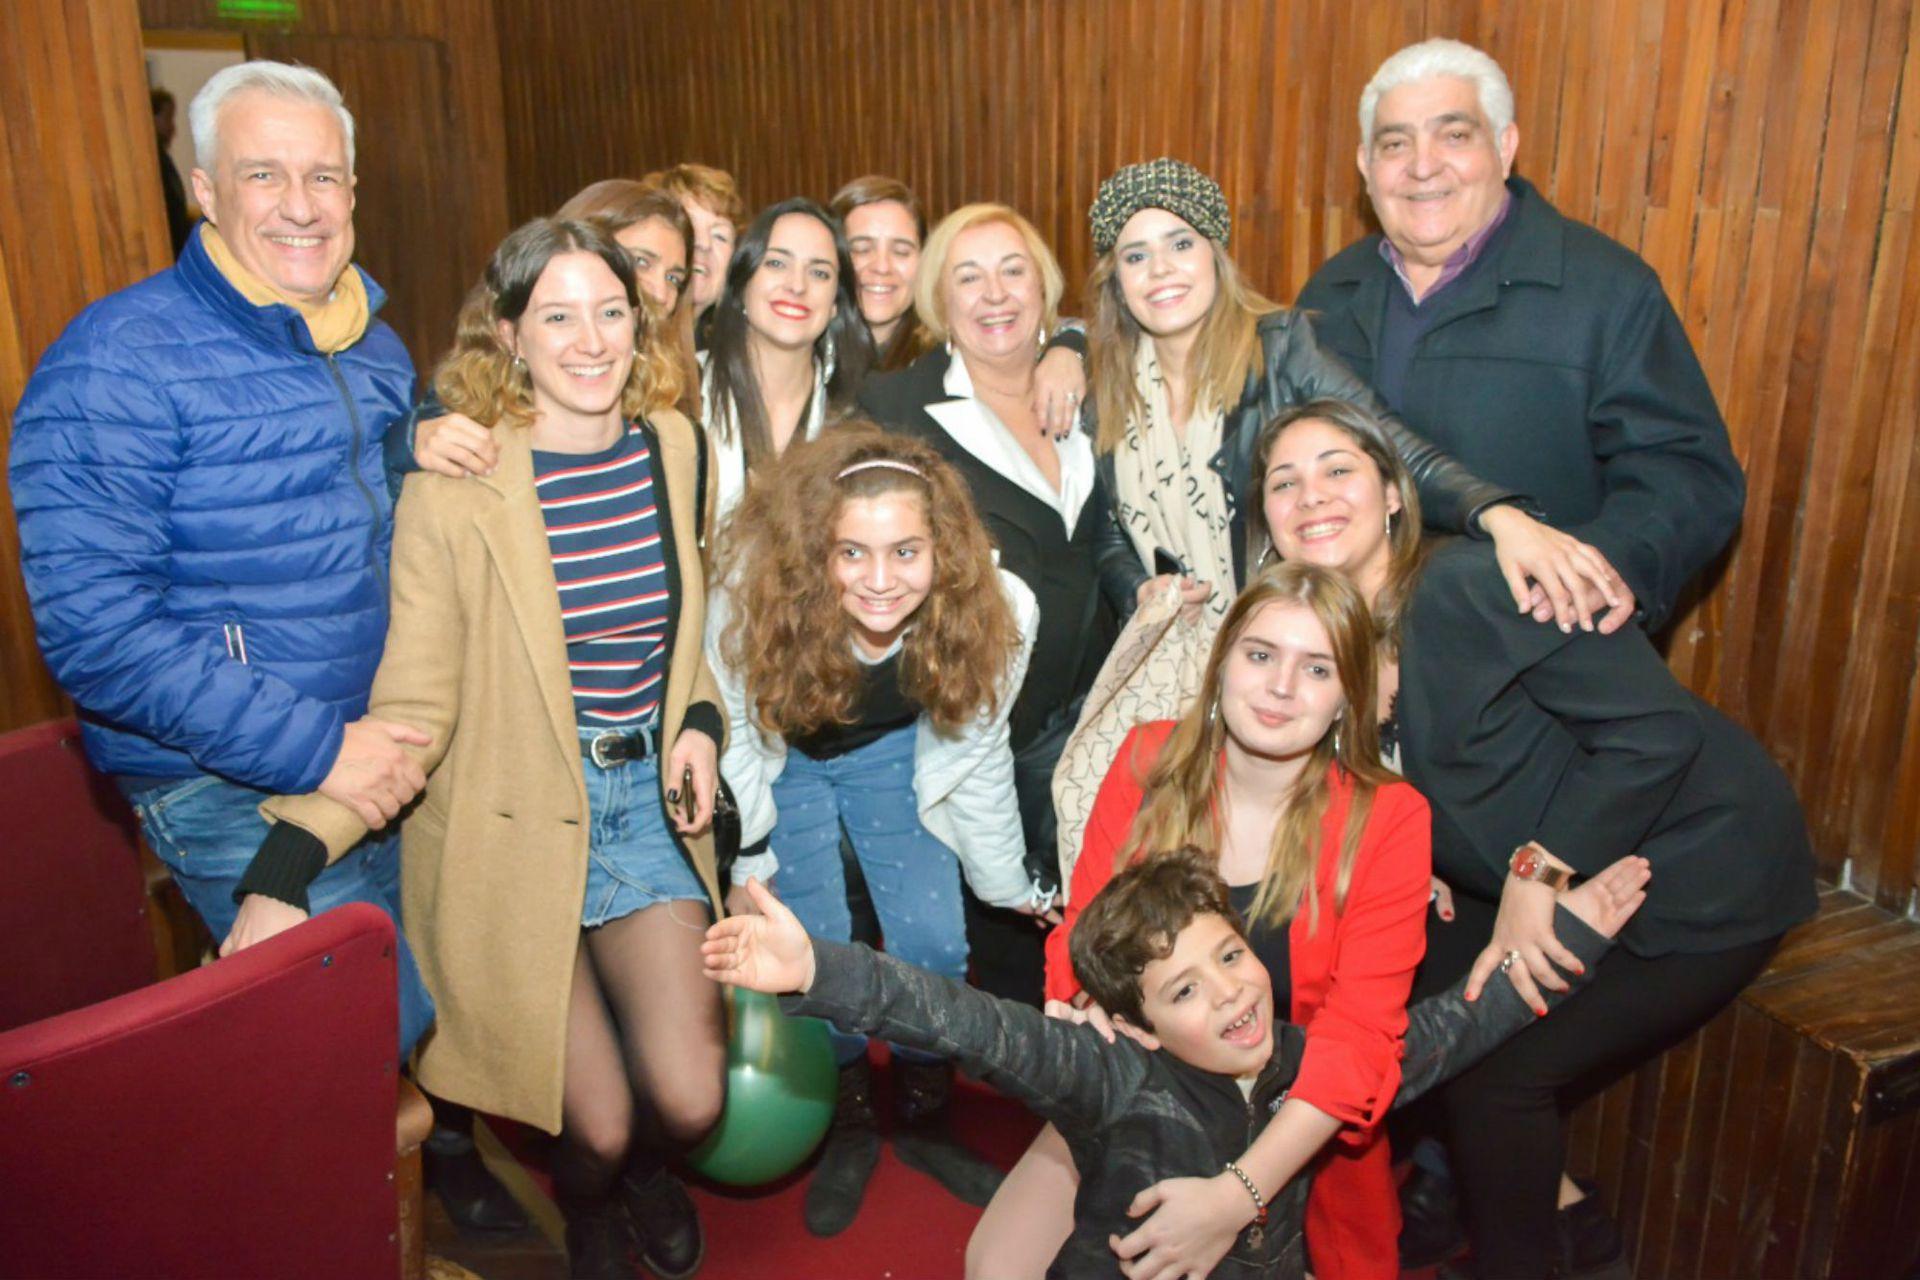 En banda. La familia de Sofi Morandi viajó desde Neuquén a verla actuar en la función a beneficio de la obra que se realizó para FuPeA